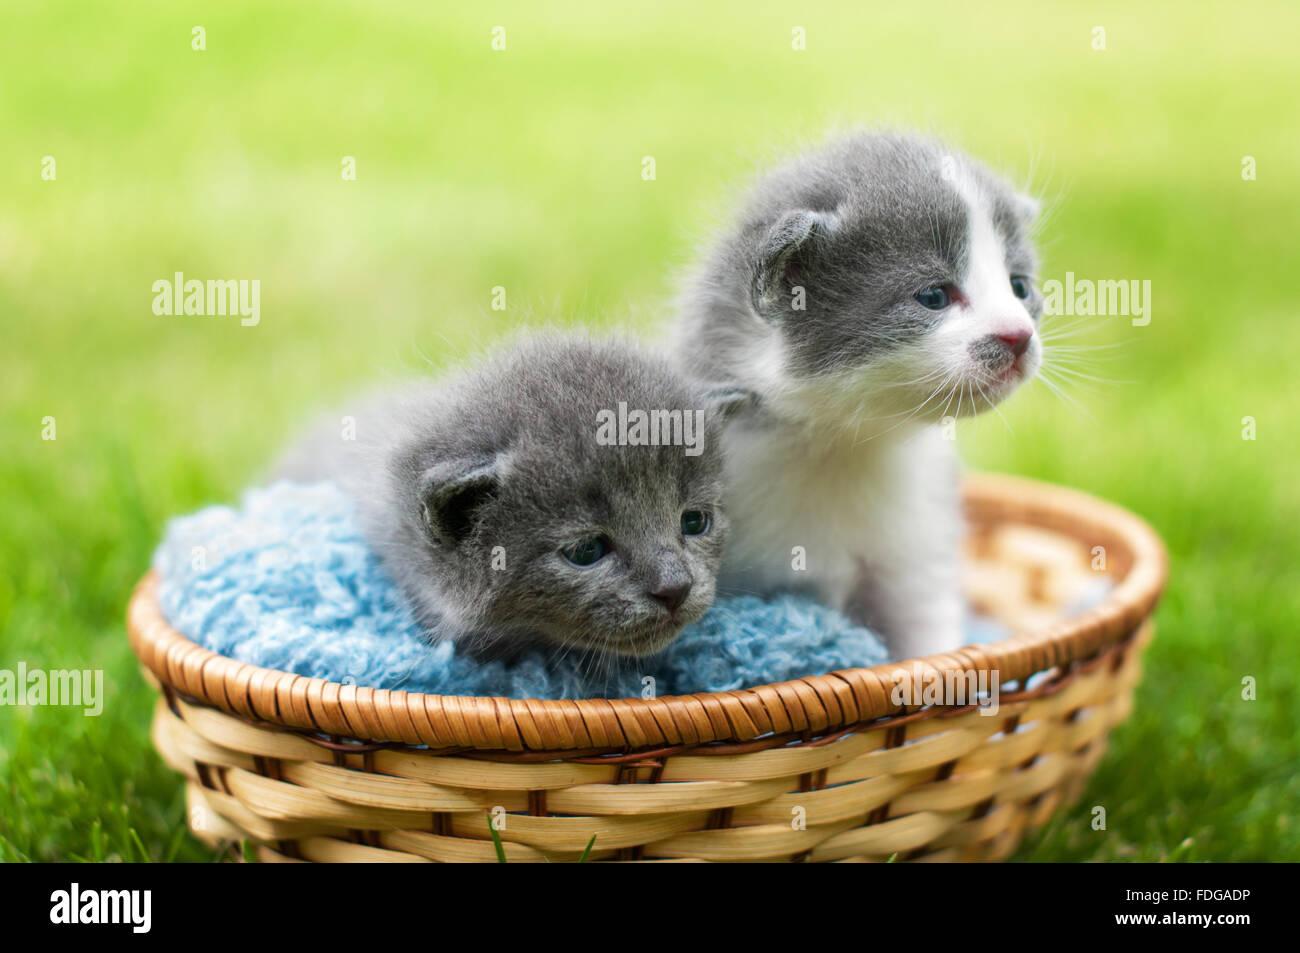 Zwei graue und weiße Kätzchen im Korb Stockbild